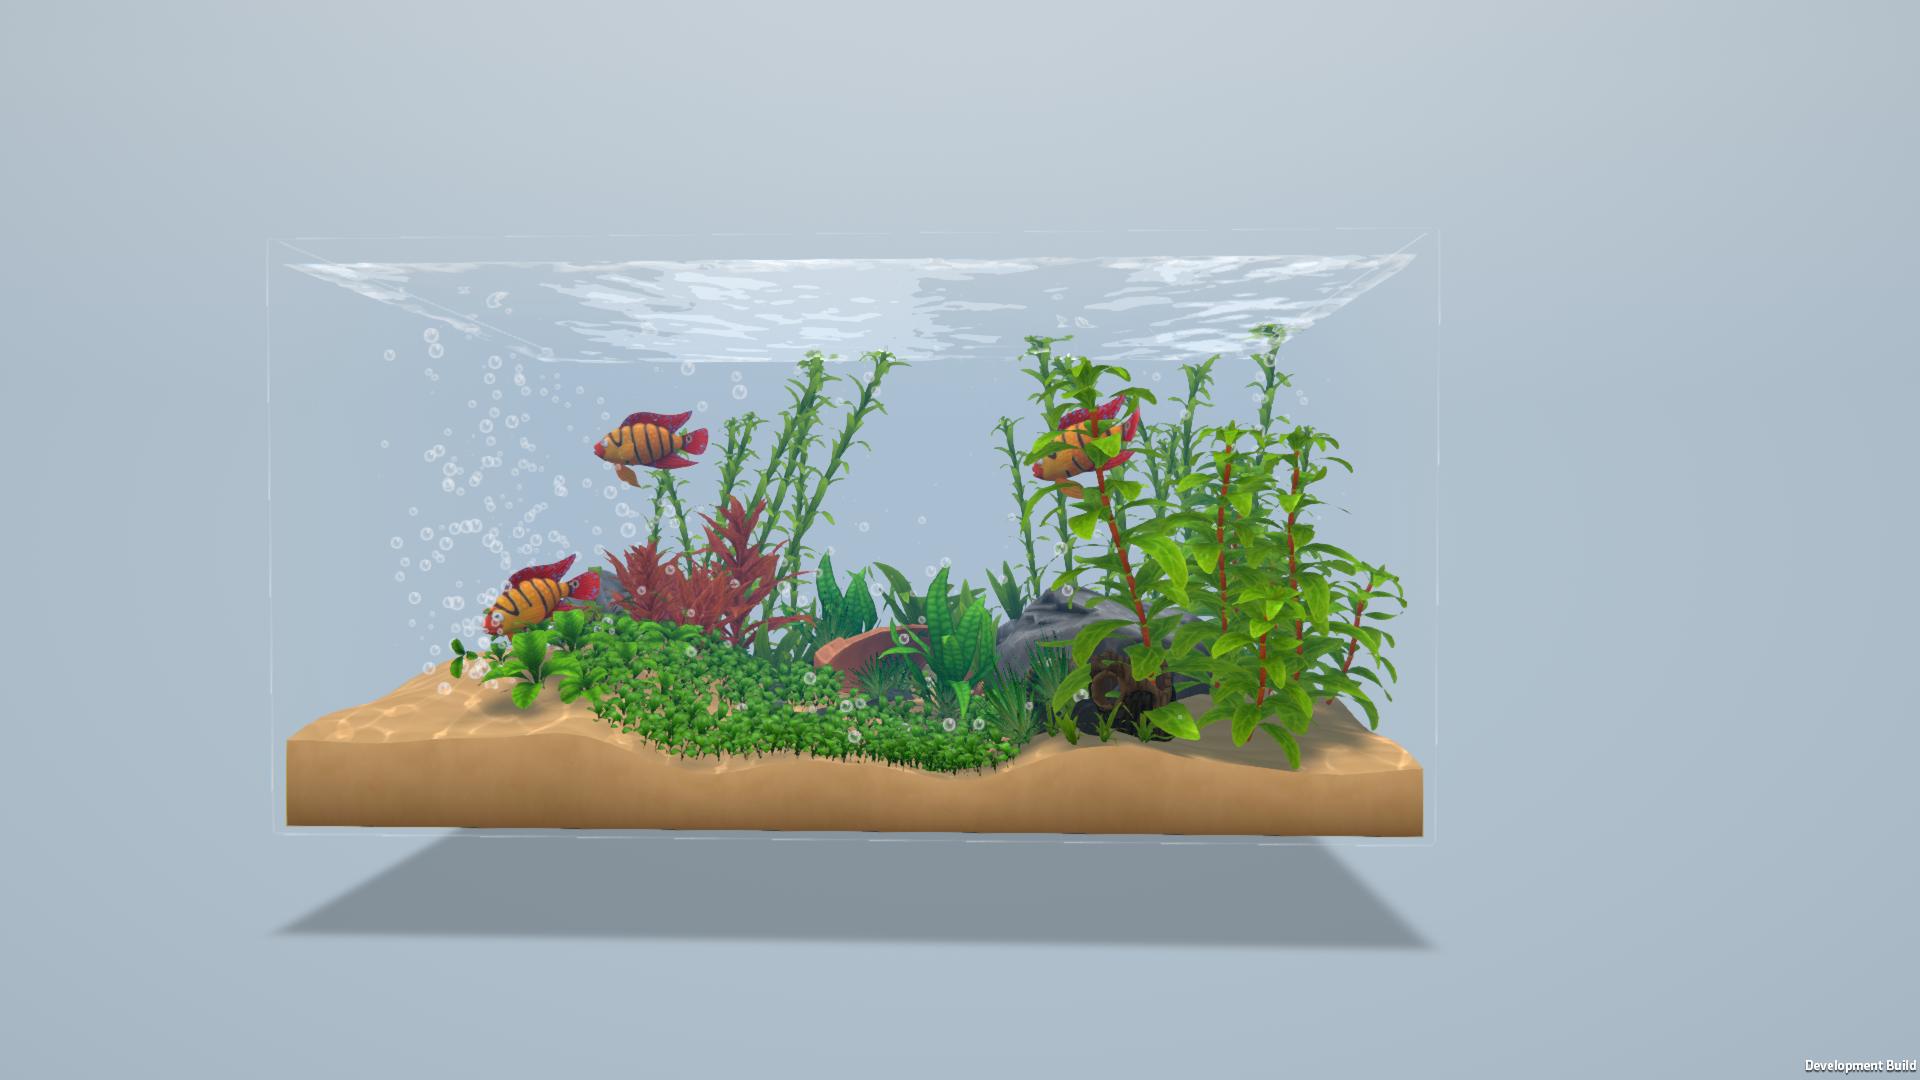 fishery_screenshot_en_02.png